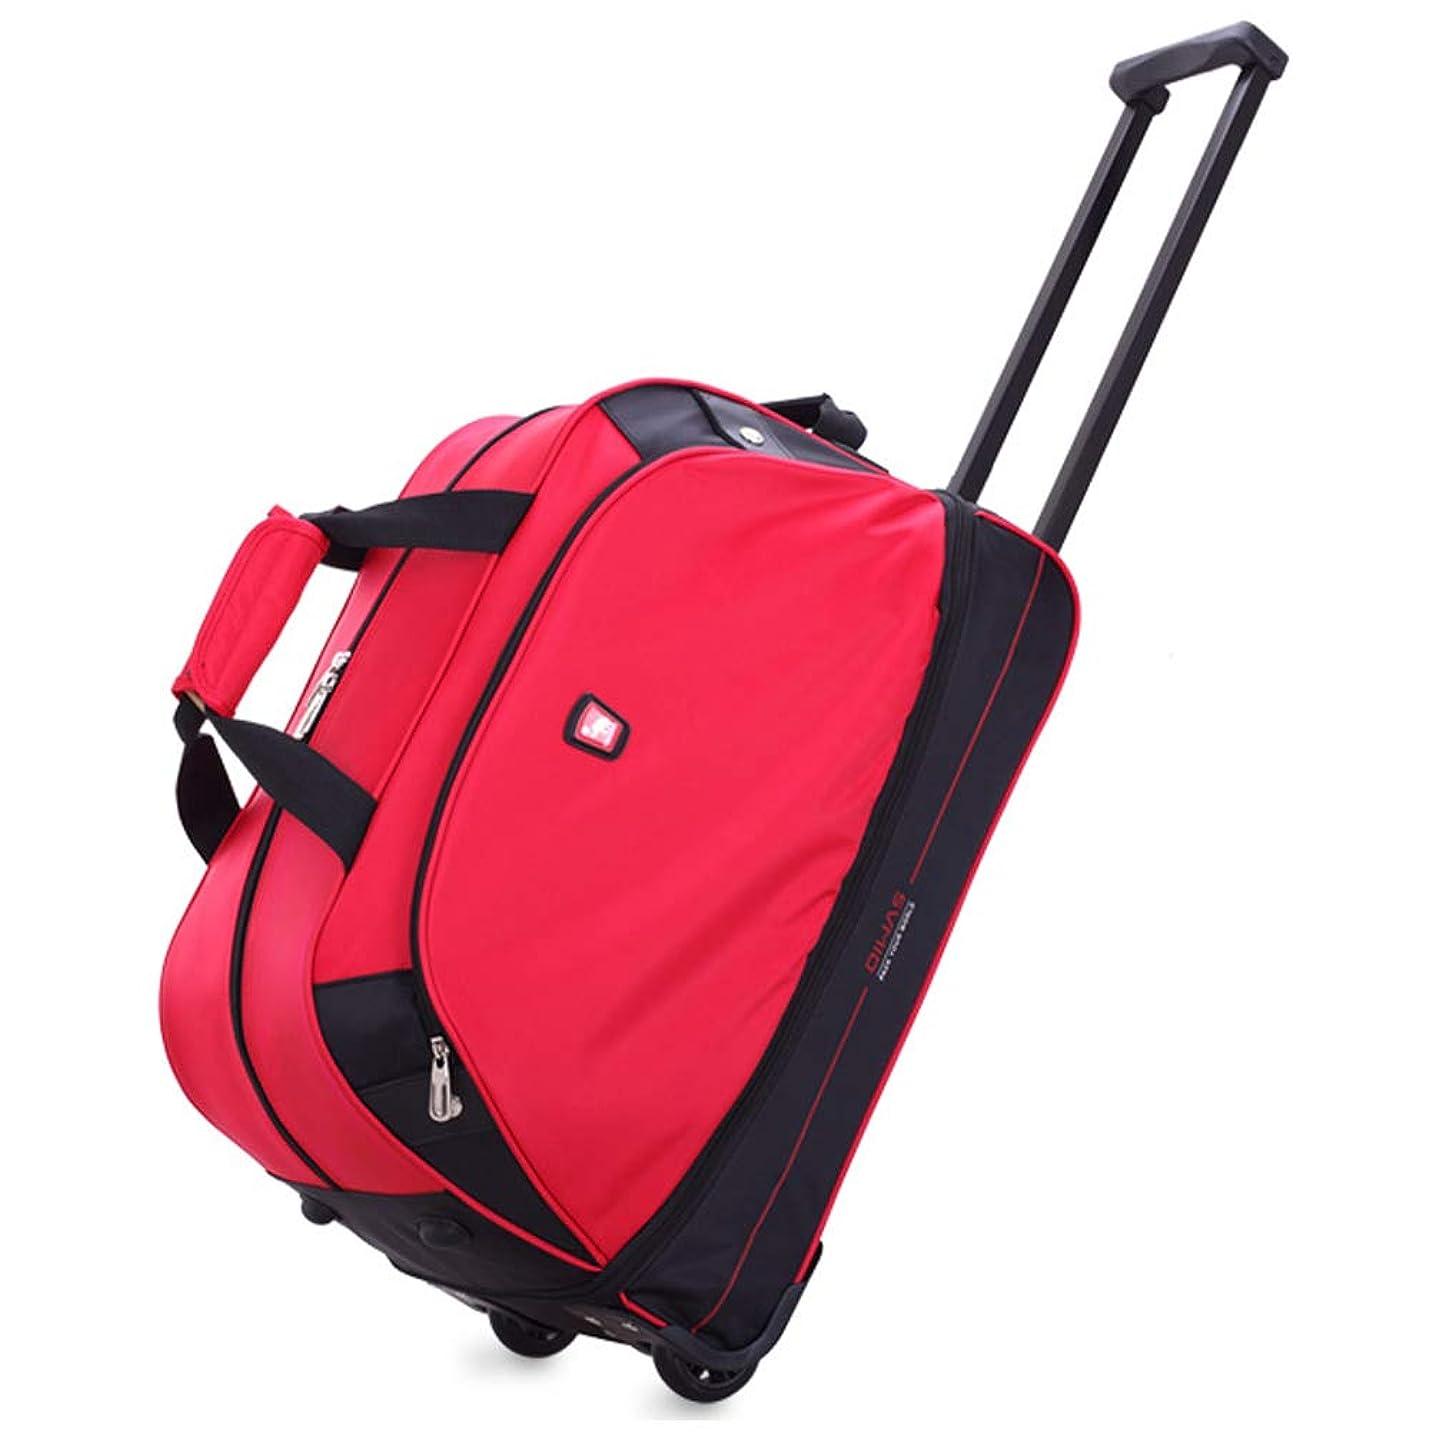 つらい太字アフリカ人OIWAS ボストンキャリー バッグ 機内持ち込み 旅行 ソフト キャリーバッグ 45-55L 大容量 2-3泊 トラベルバッグ 2way